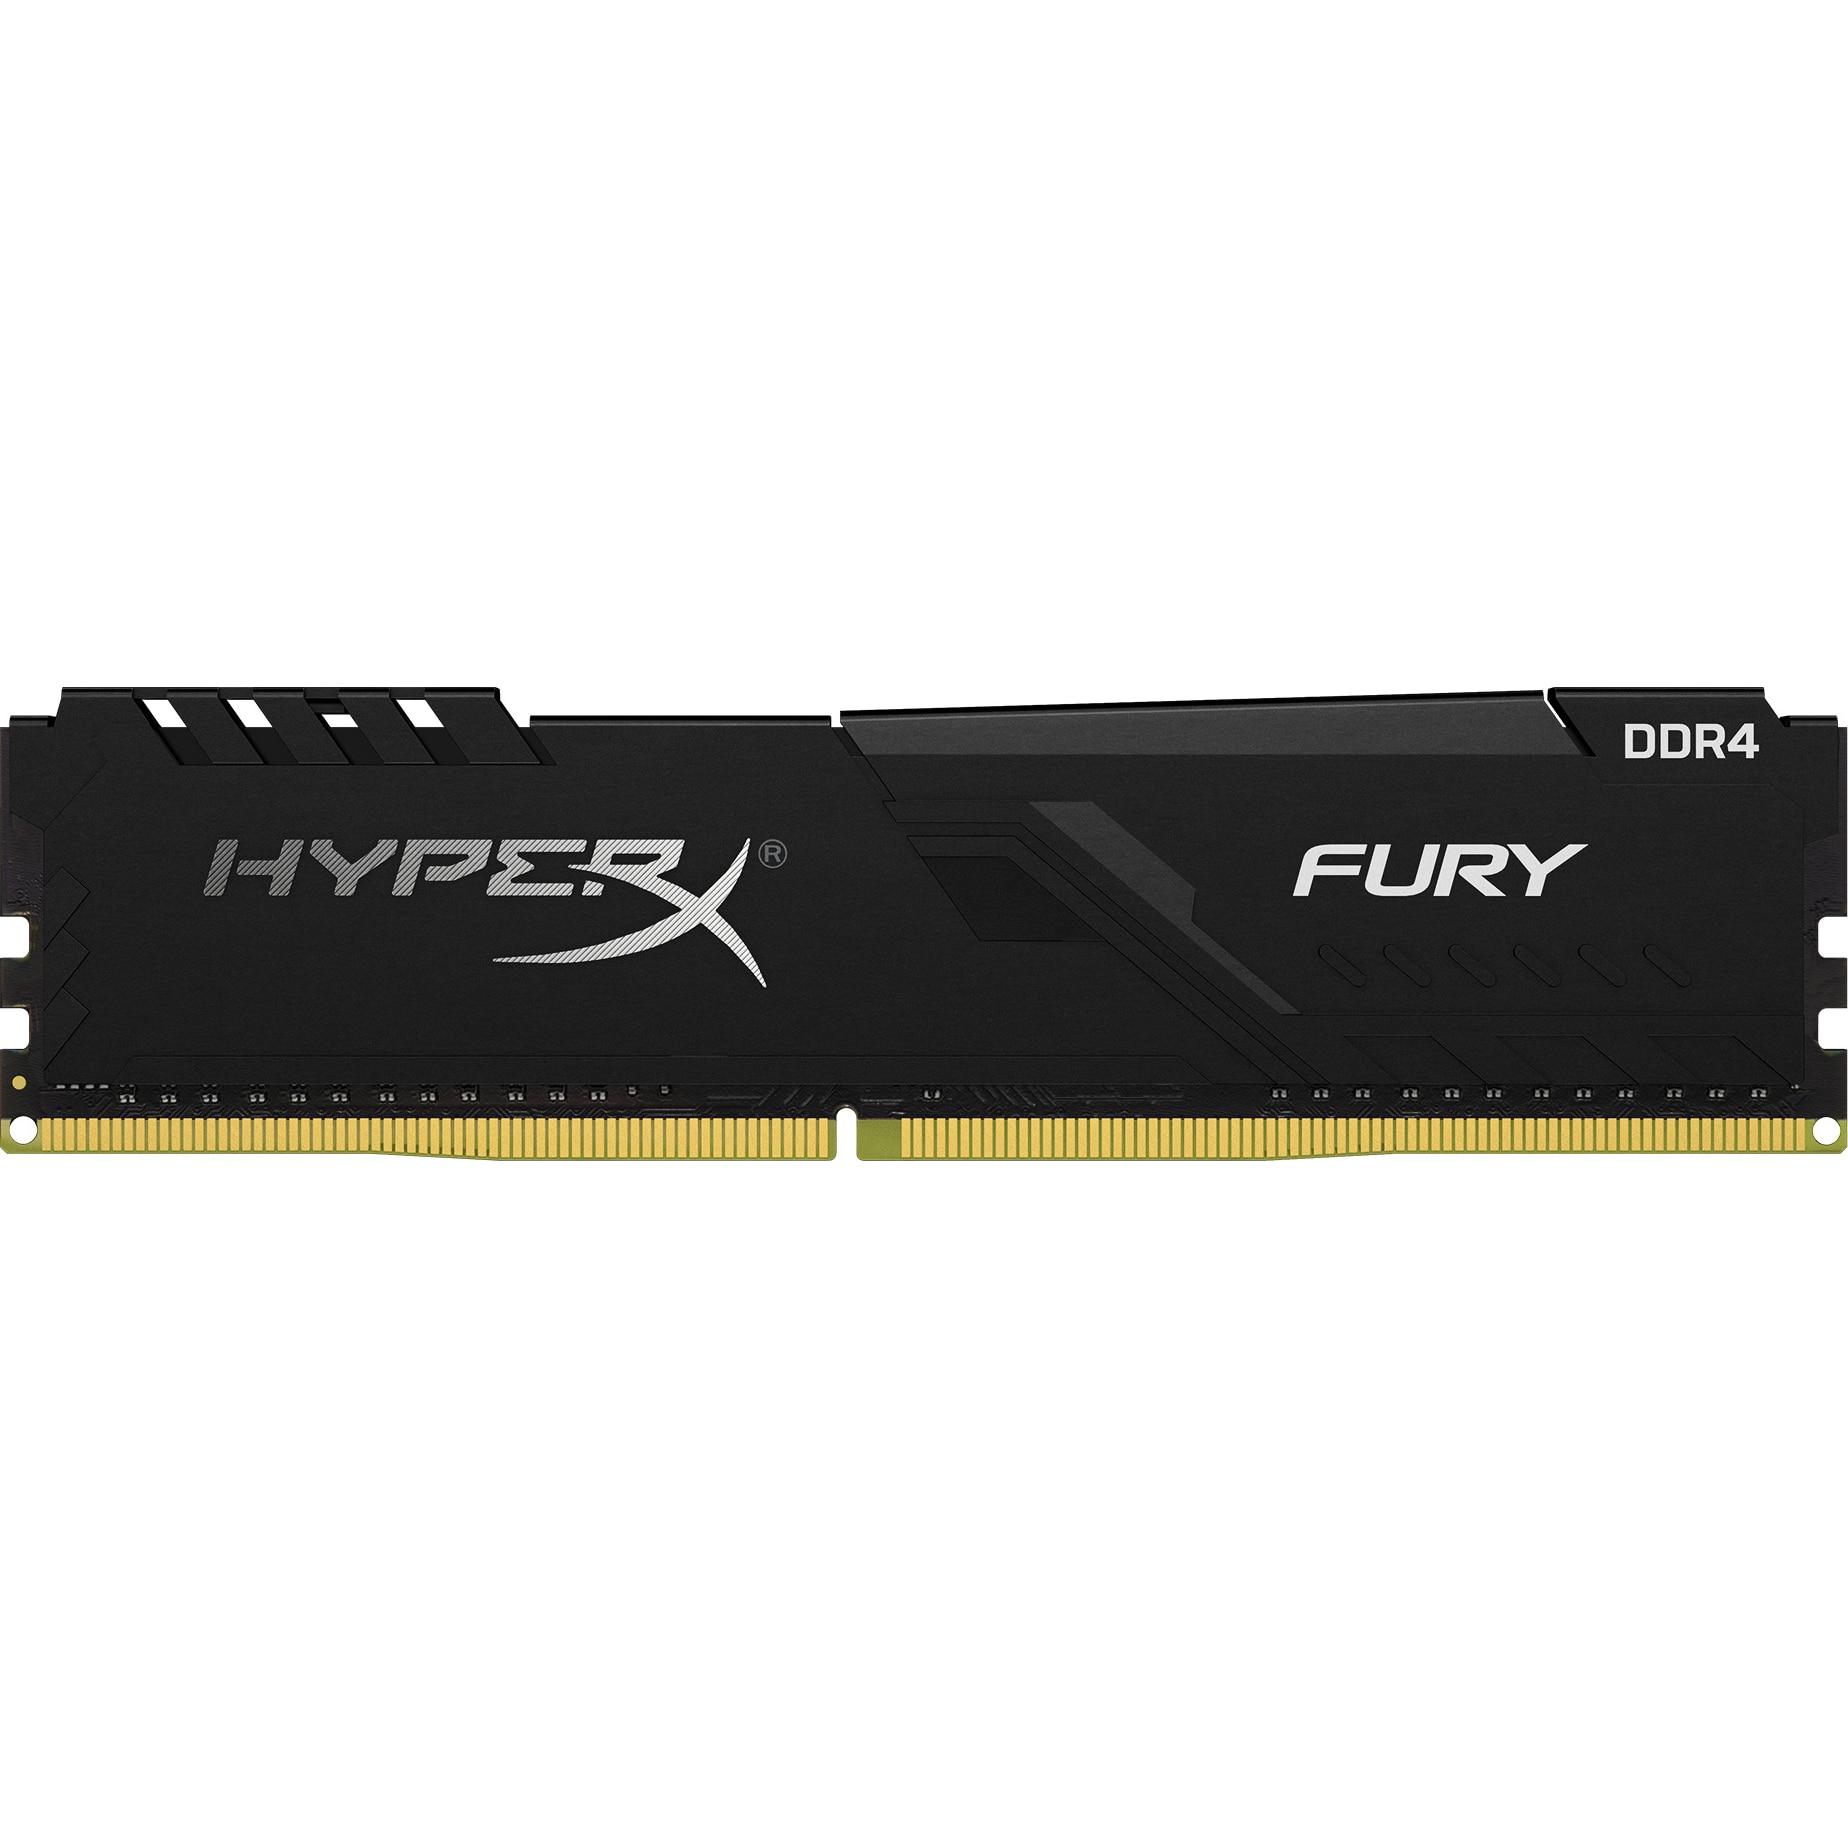 Fotografie Memorie HyperX Fury Black 8GB, DDR4, 3200MHz, CL16, 1.35V